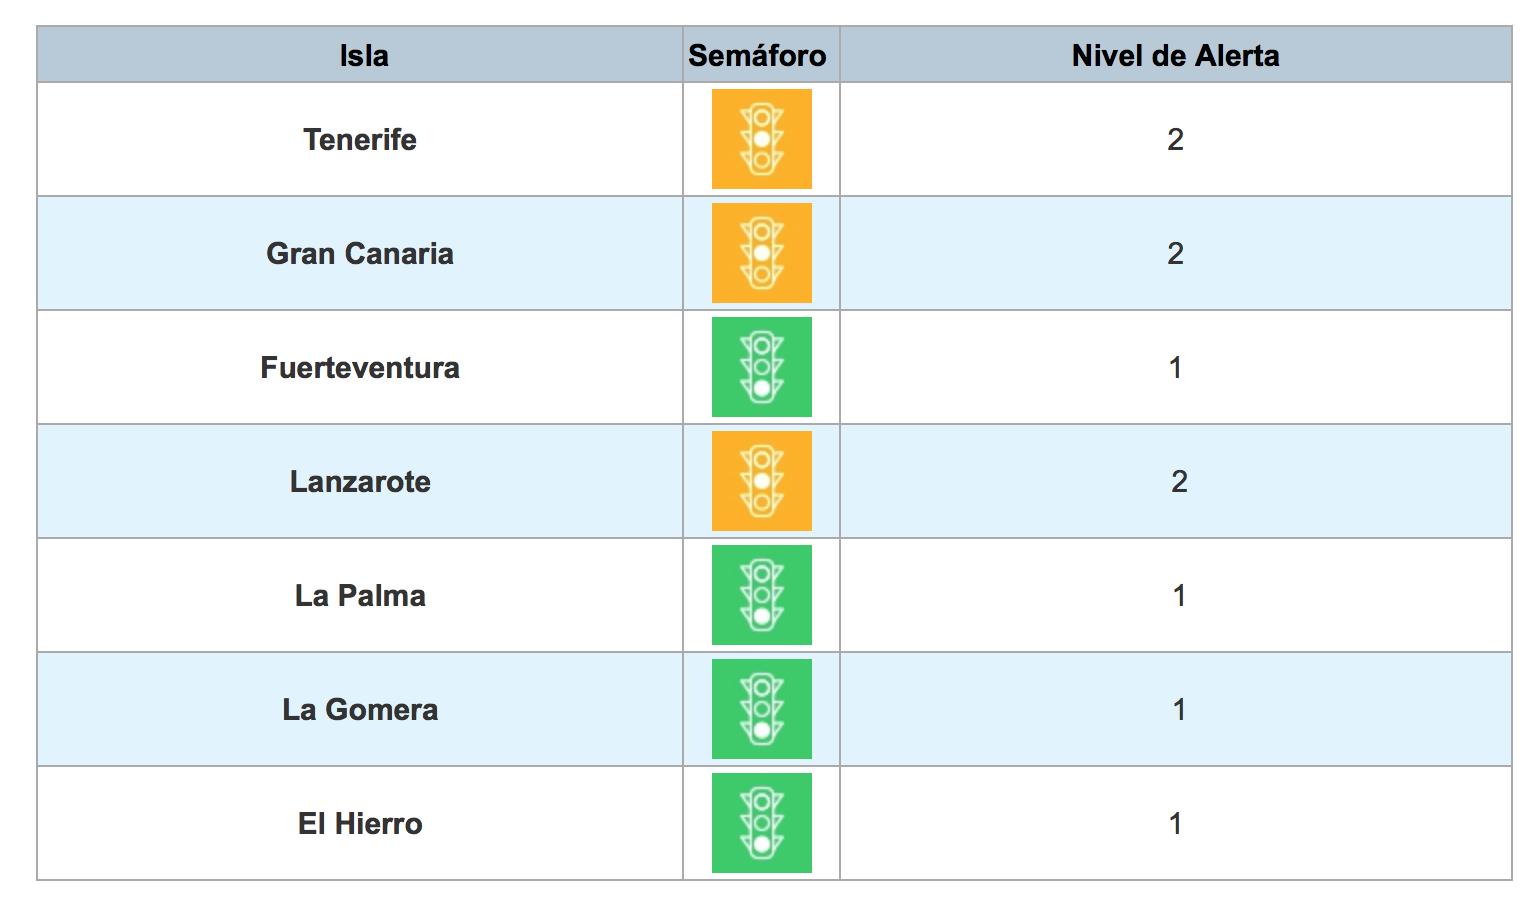 La isla de El Hierro pasa a nivel de alerta 1 tras mejorar sus indicadores epidemiológicos